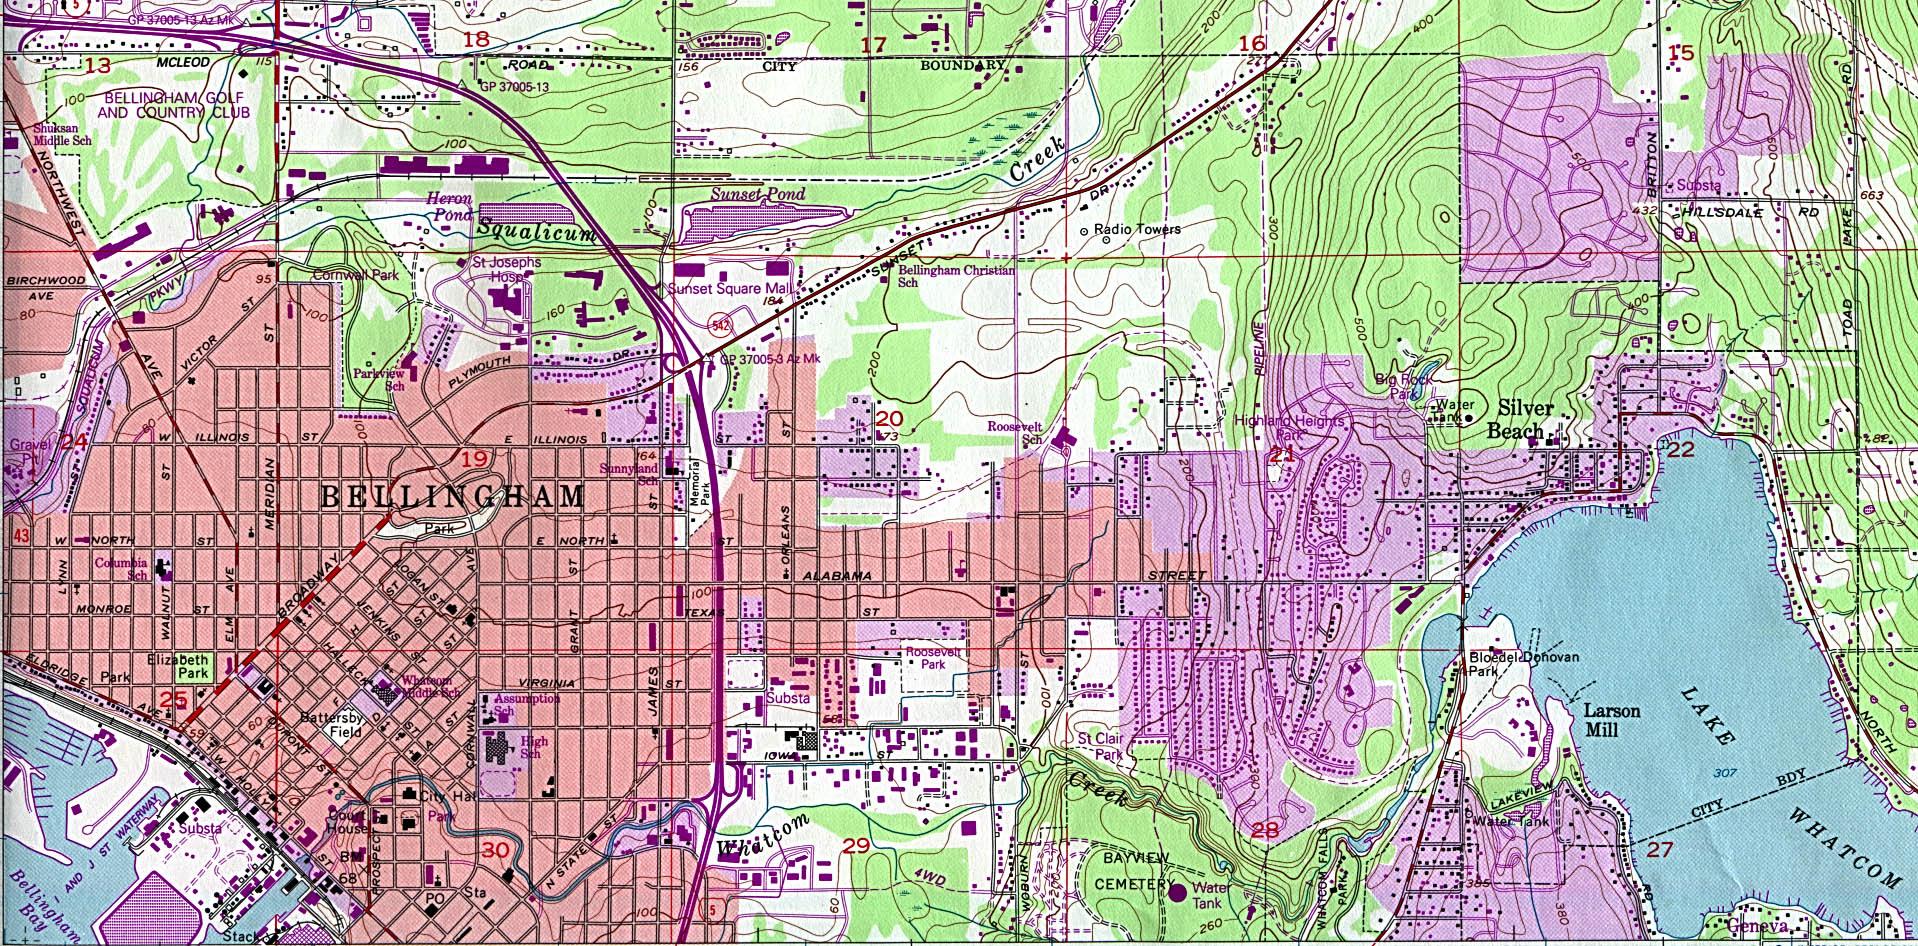 Mapa Topográfico de la Ciudad de Bellingham North, Washington, Estados Unidos